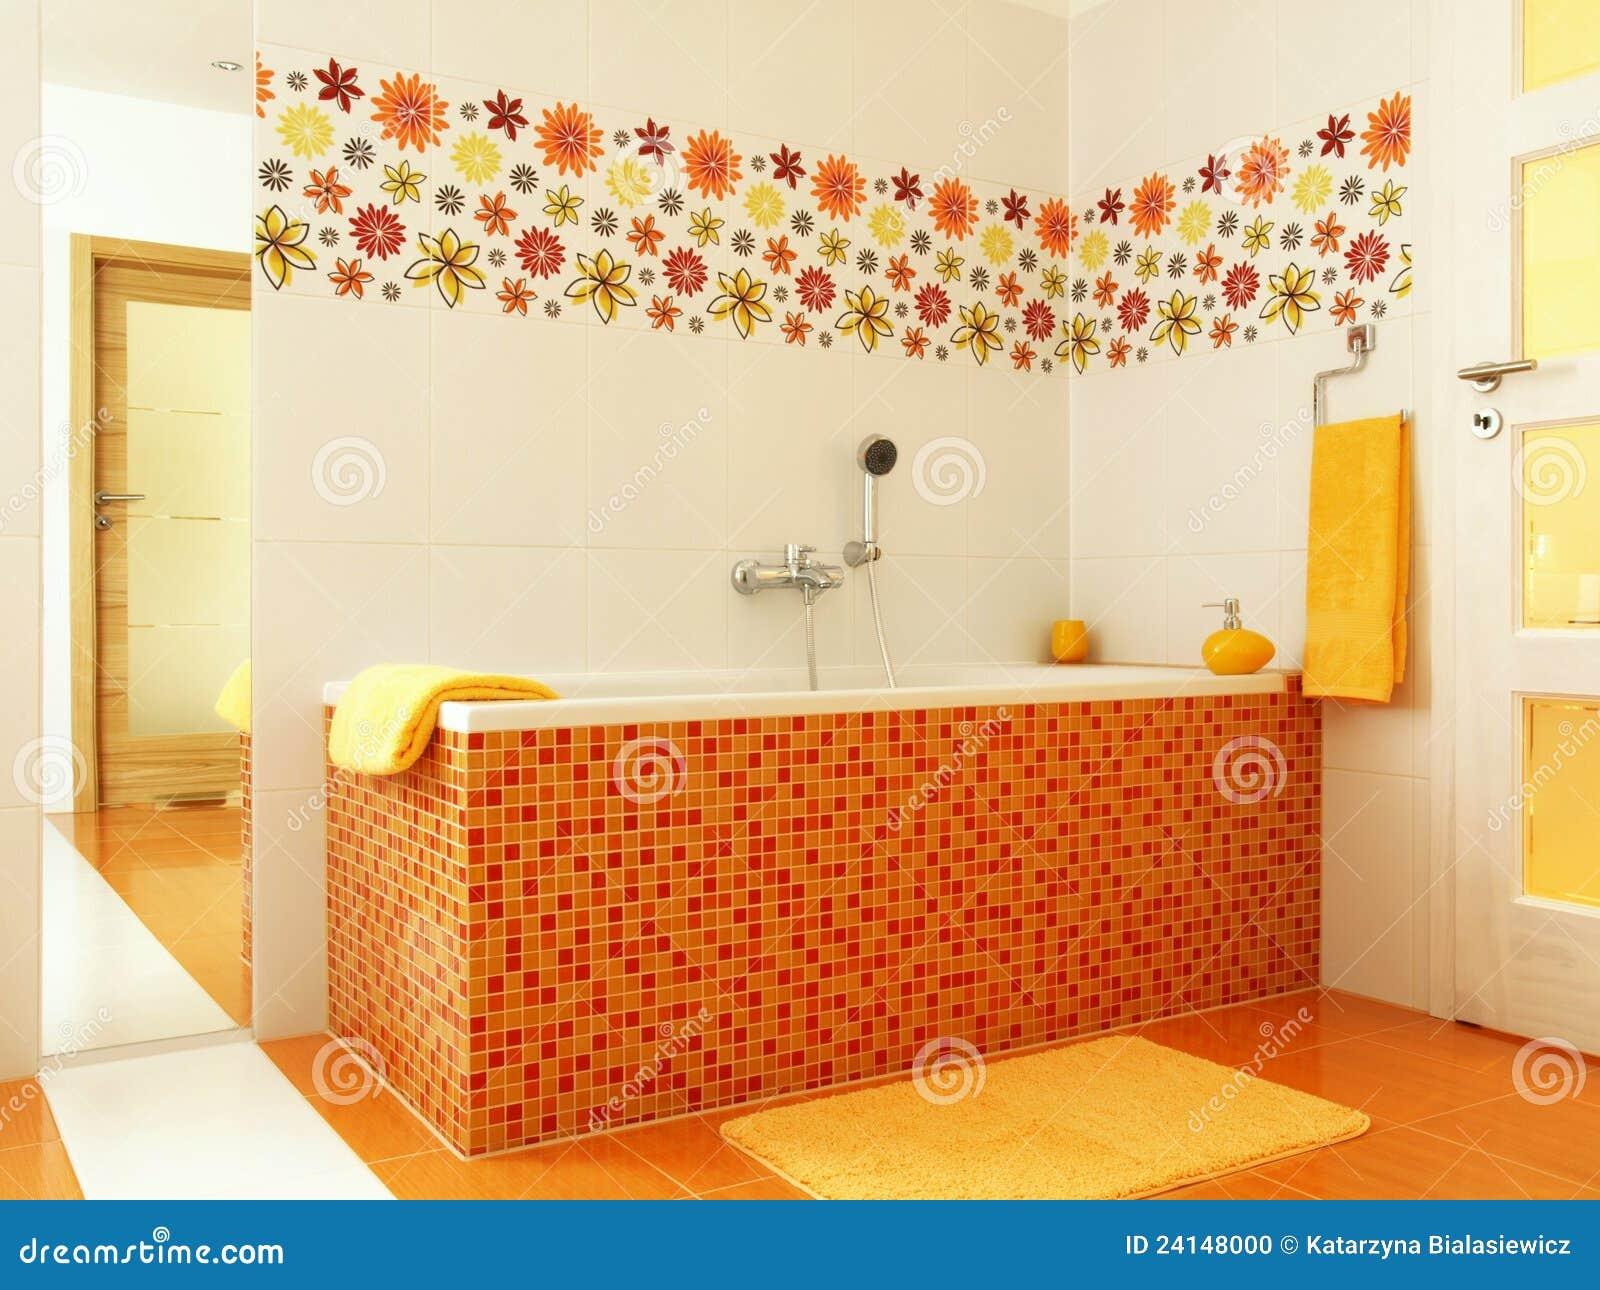 Imagenes de quinchos con ba o for Imagenes de cuartos